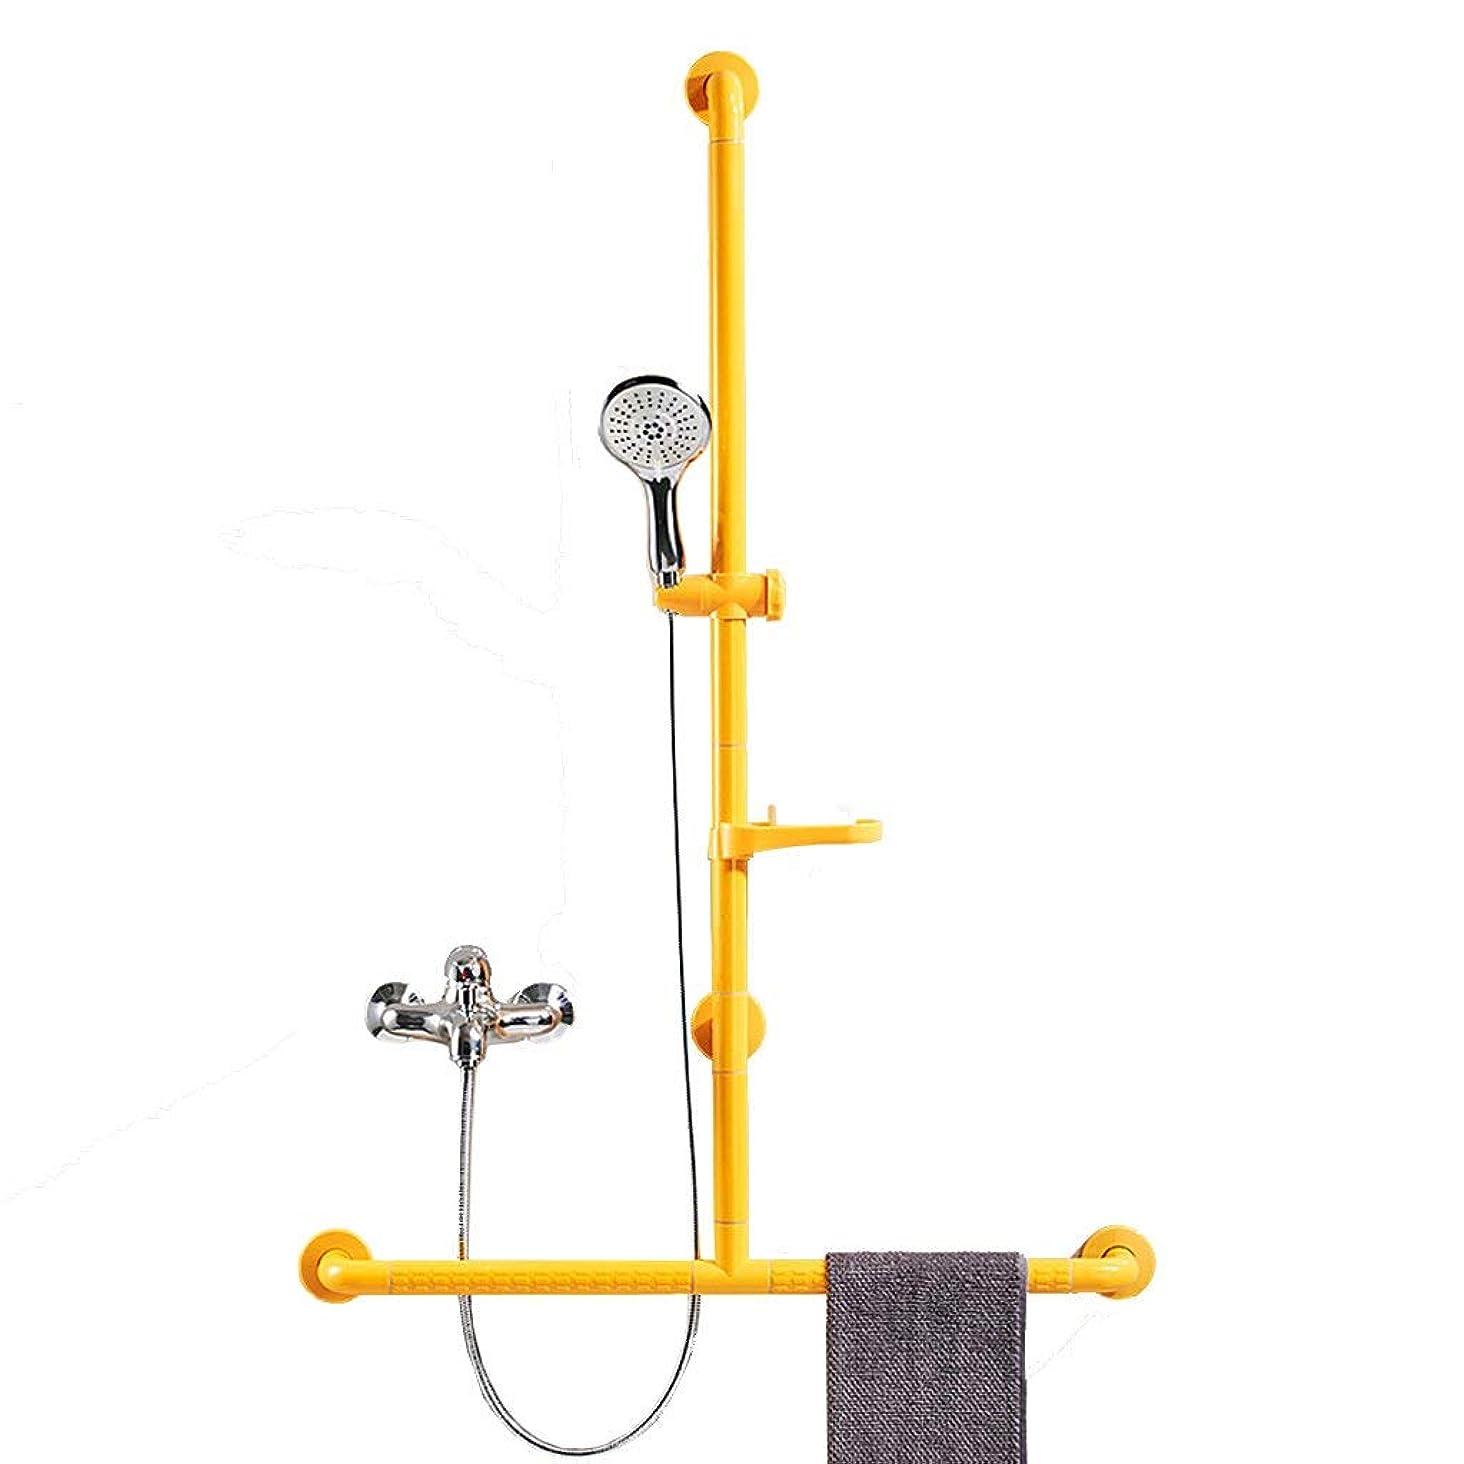 見落とすにはまってピクニックをする浴室用シャワーの手すり 手すり金庫滑り止め滑り止めハンドルバリアフリーシャワールームリフタートイレバスルーム風呂の安全滑り止め高齢者用T-Lシャワーブーム手すりバスルームアクセサリー (Color : 黄)